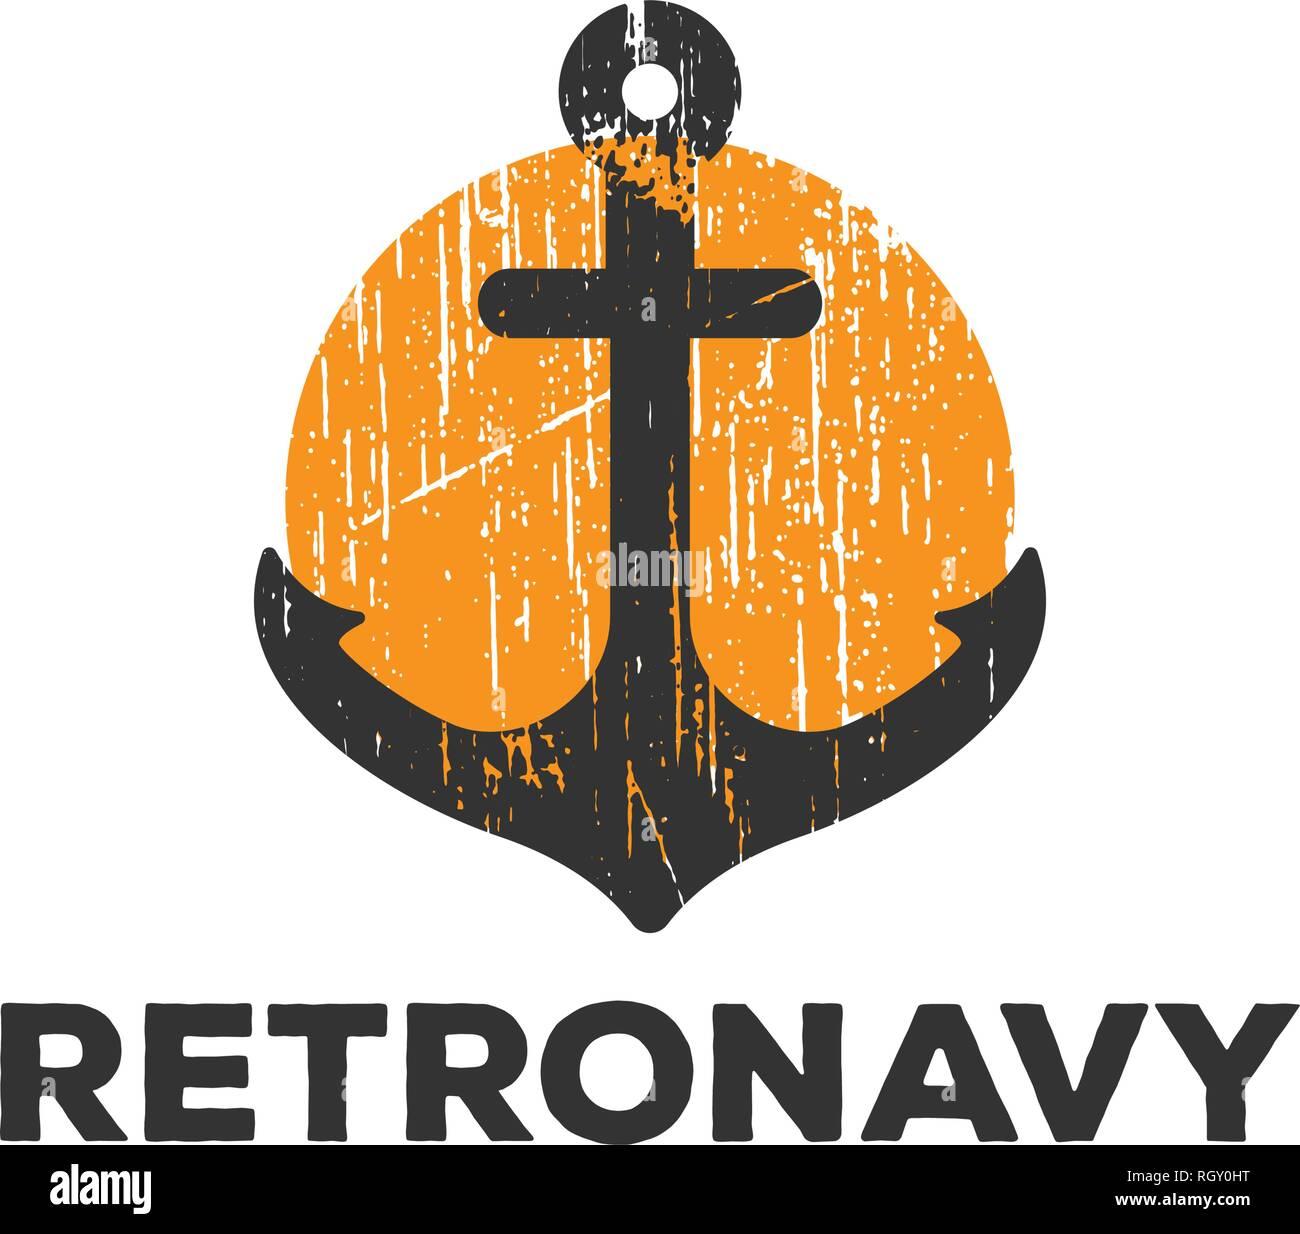 Retro anchor navy logo icon design template vector illustration - Stock Image